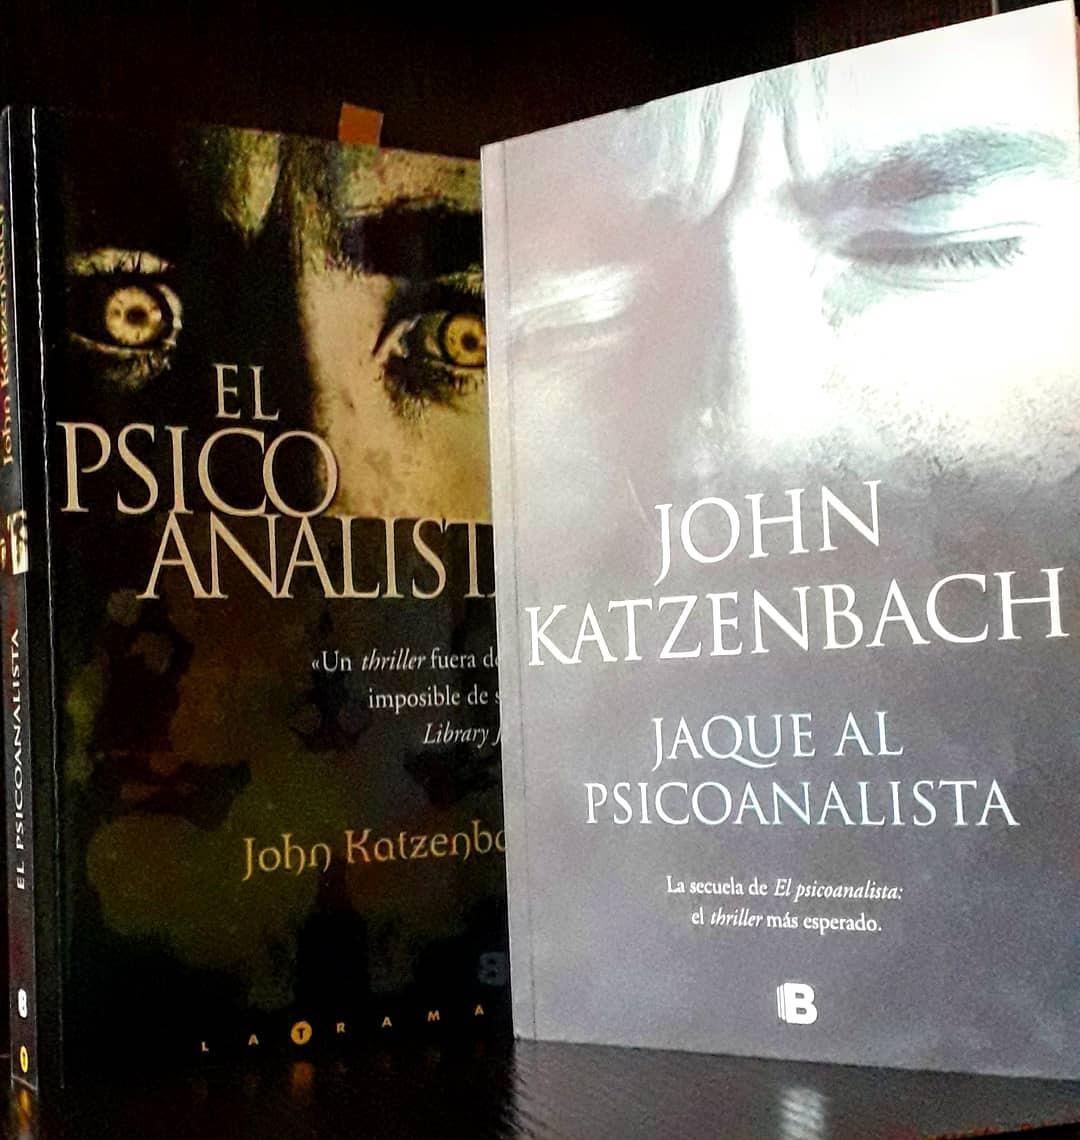 El Psicoanalista, Jaque Al Psicoanalista Katzenbach 2 Libros - U$S 22,00 en  Mercado Libre